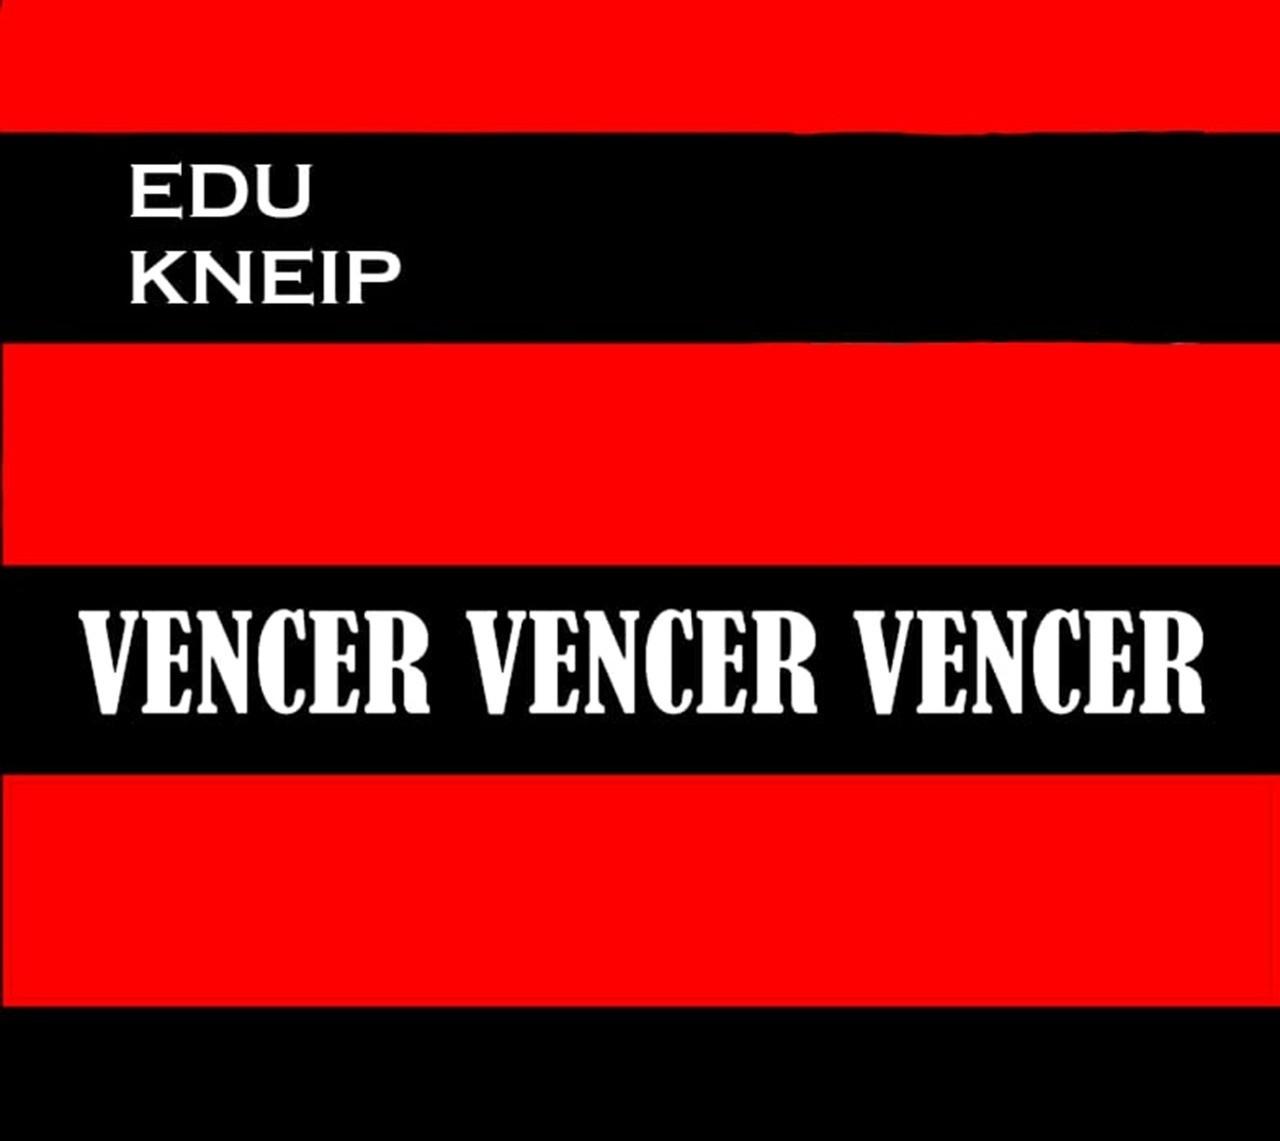 Deus da Raça, com Edu Kneip (Cedro Rosa) - ISRC: BR-EUK-18-00002 - Licença para uso pessoal e/ou entidades não lucrativas / Licence for personal and/or nonprofit entities